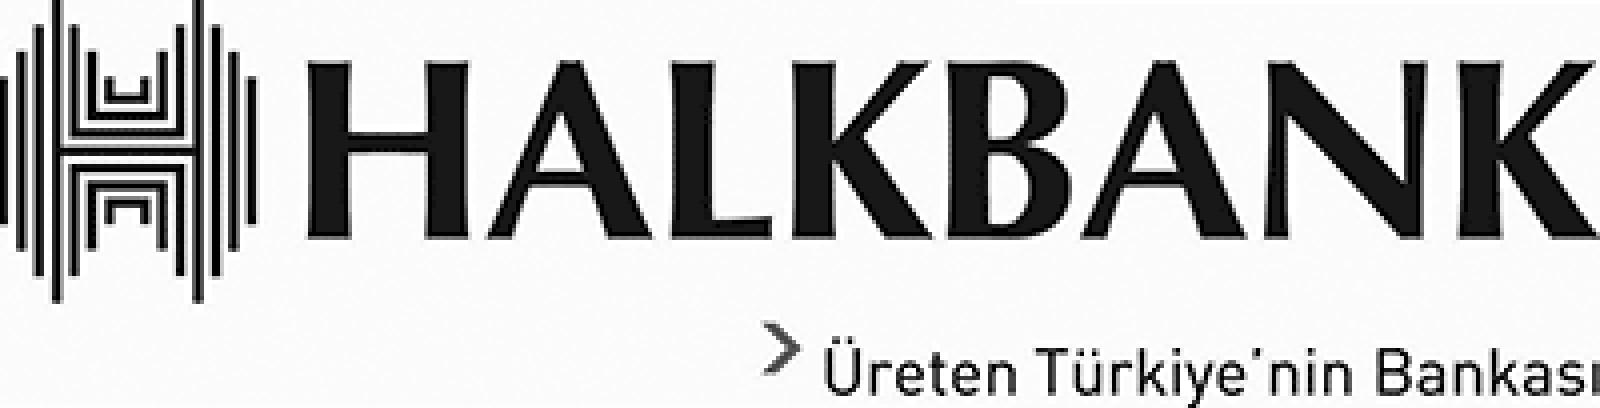 Bilbord za kompaniju Halkbank